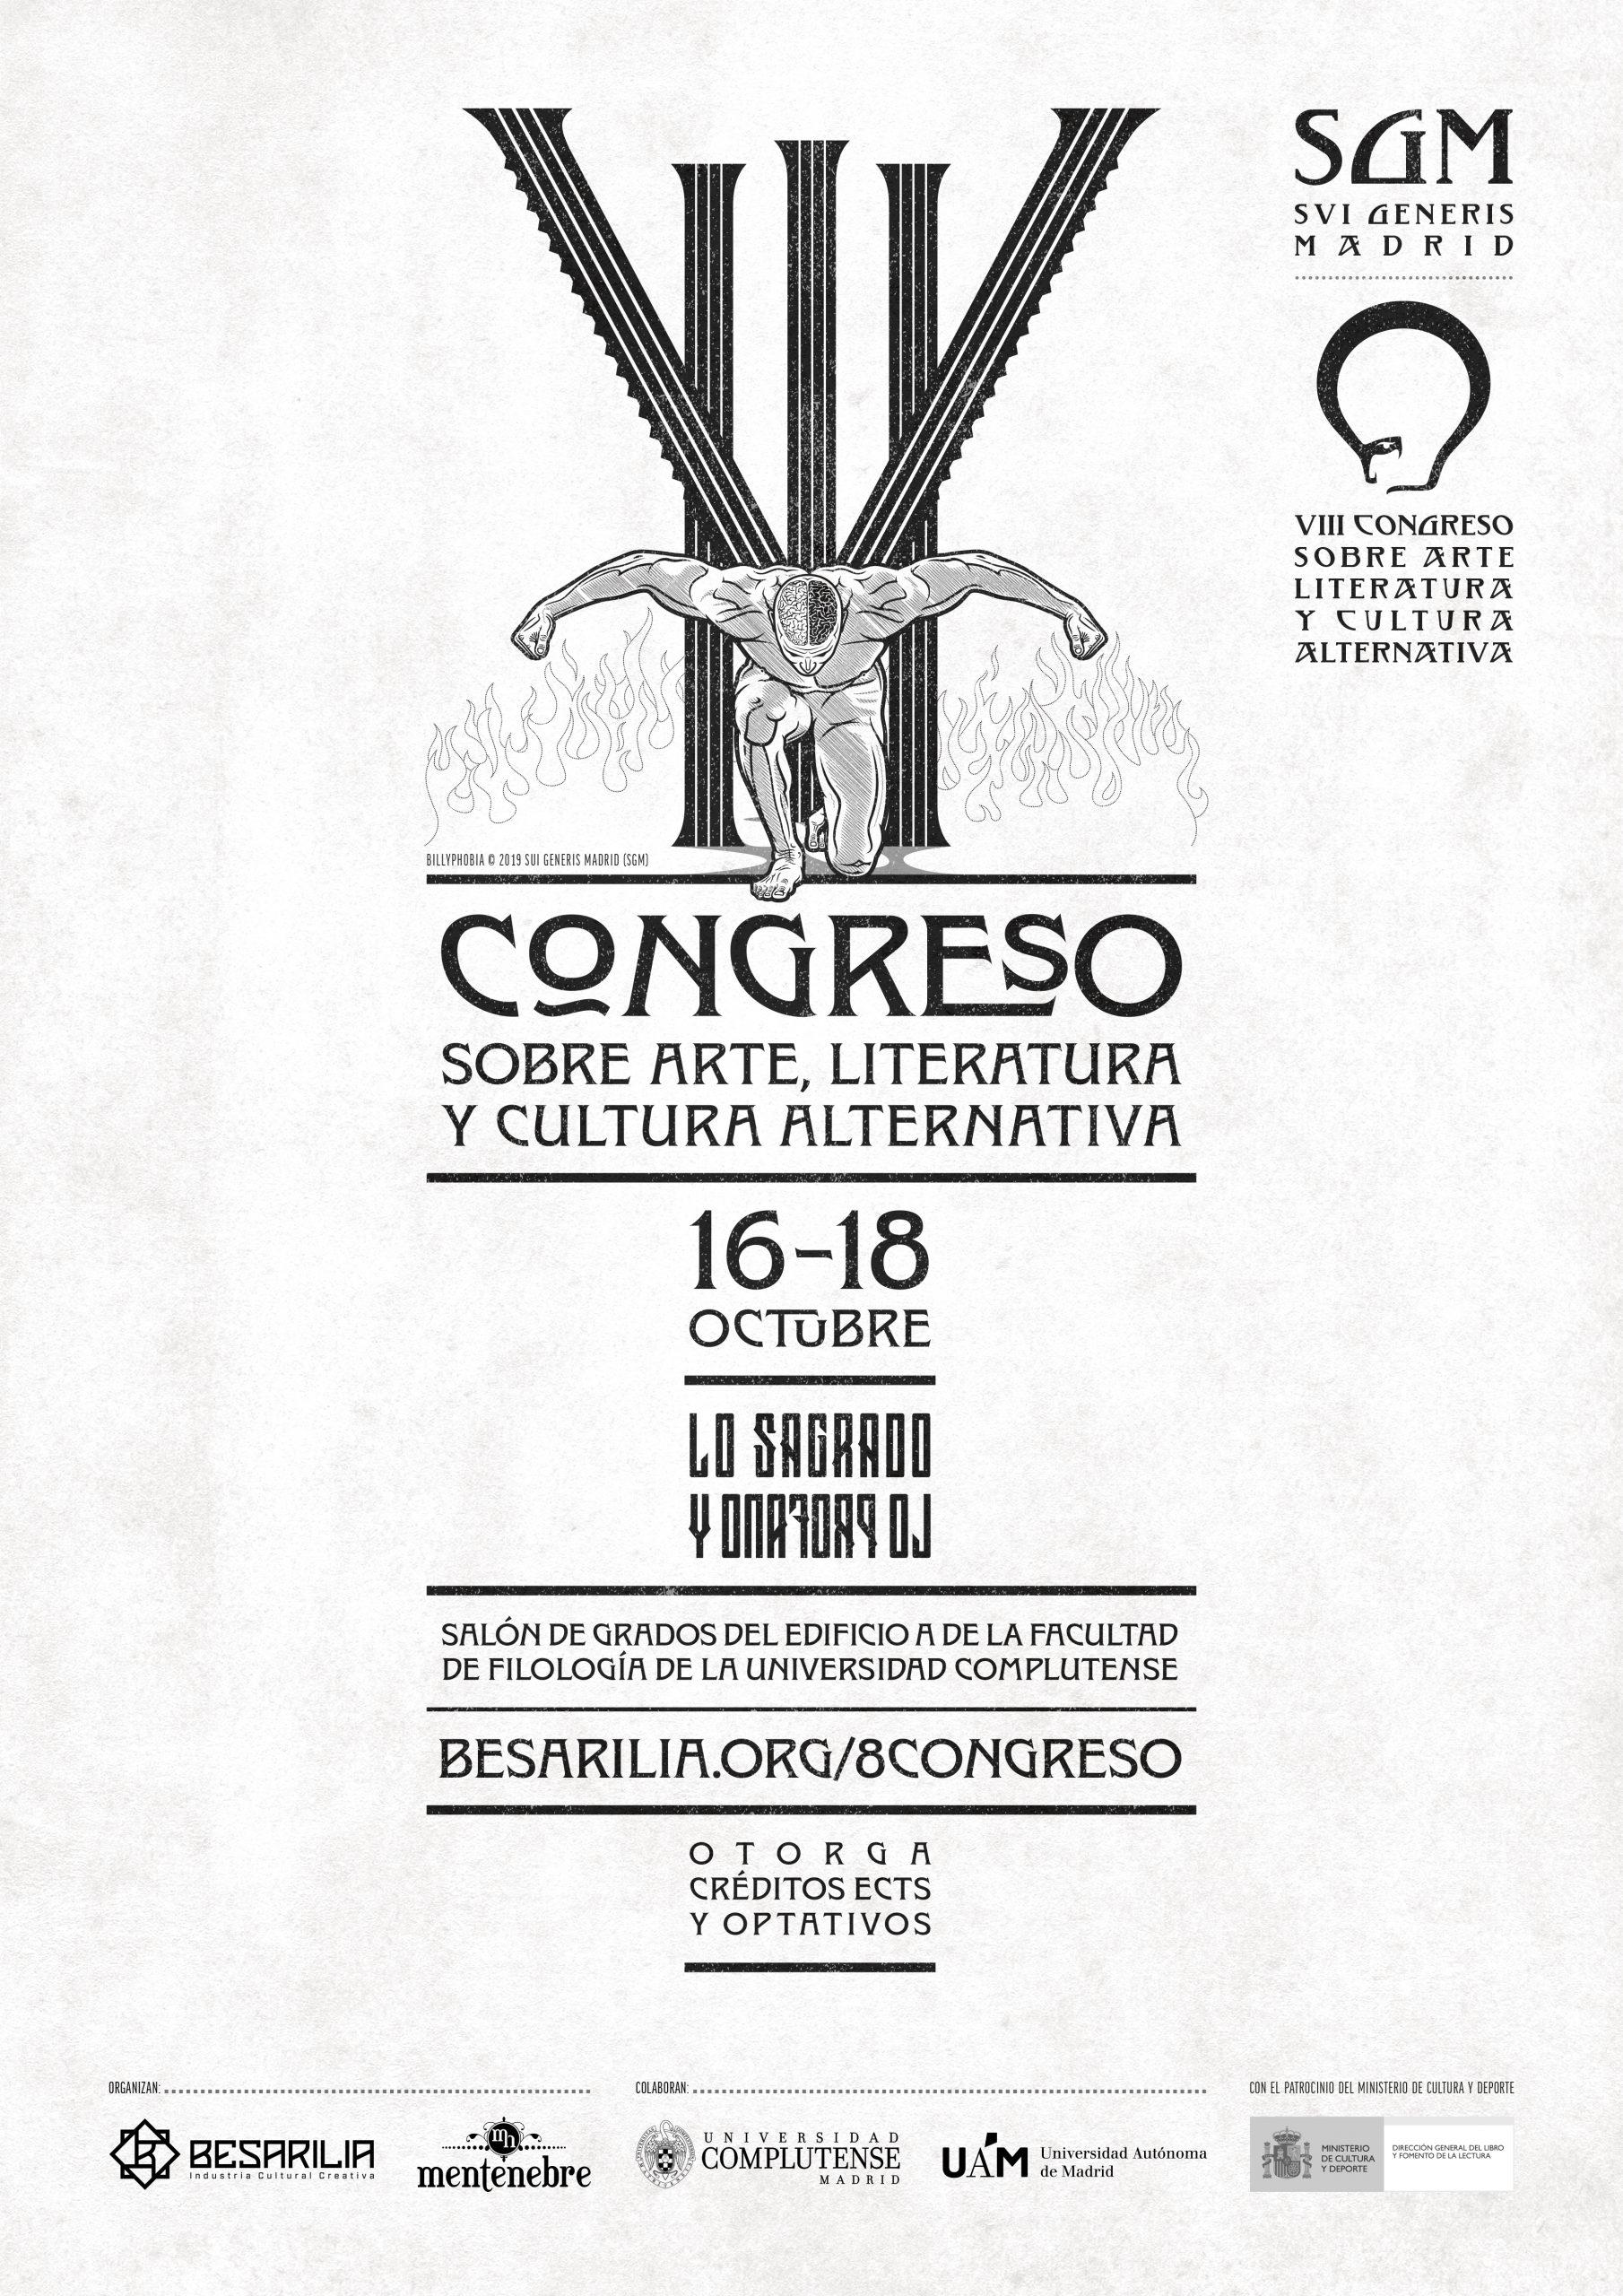 Cartel VIII Congreso SGM - Billyphobia 2019 © Todos los derechos reservados a Besarilia